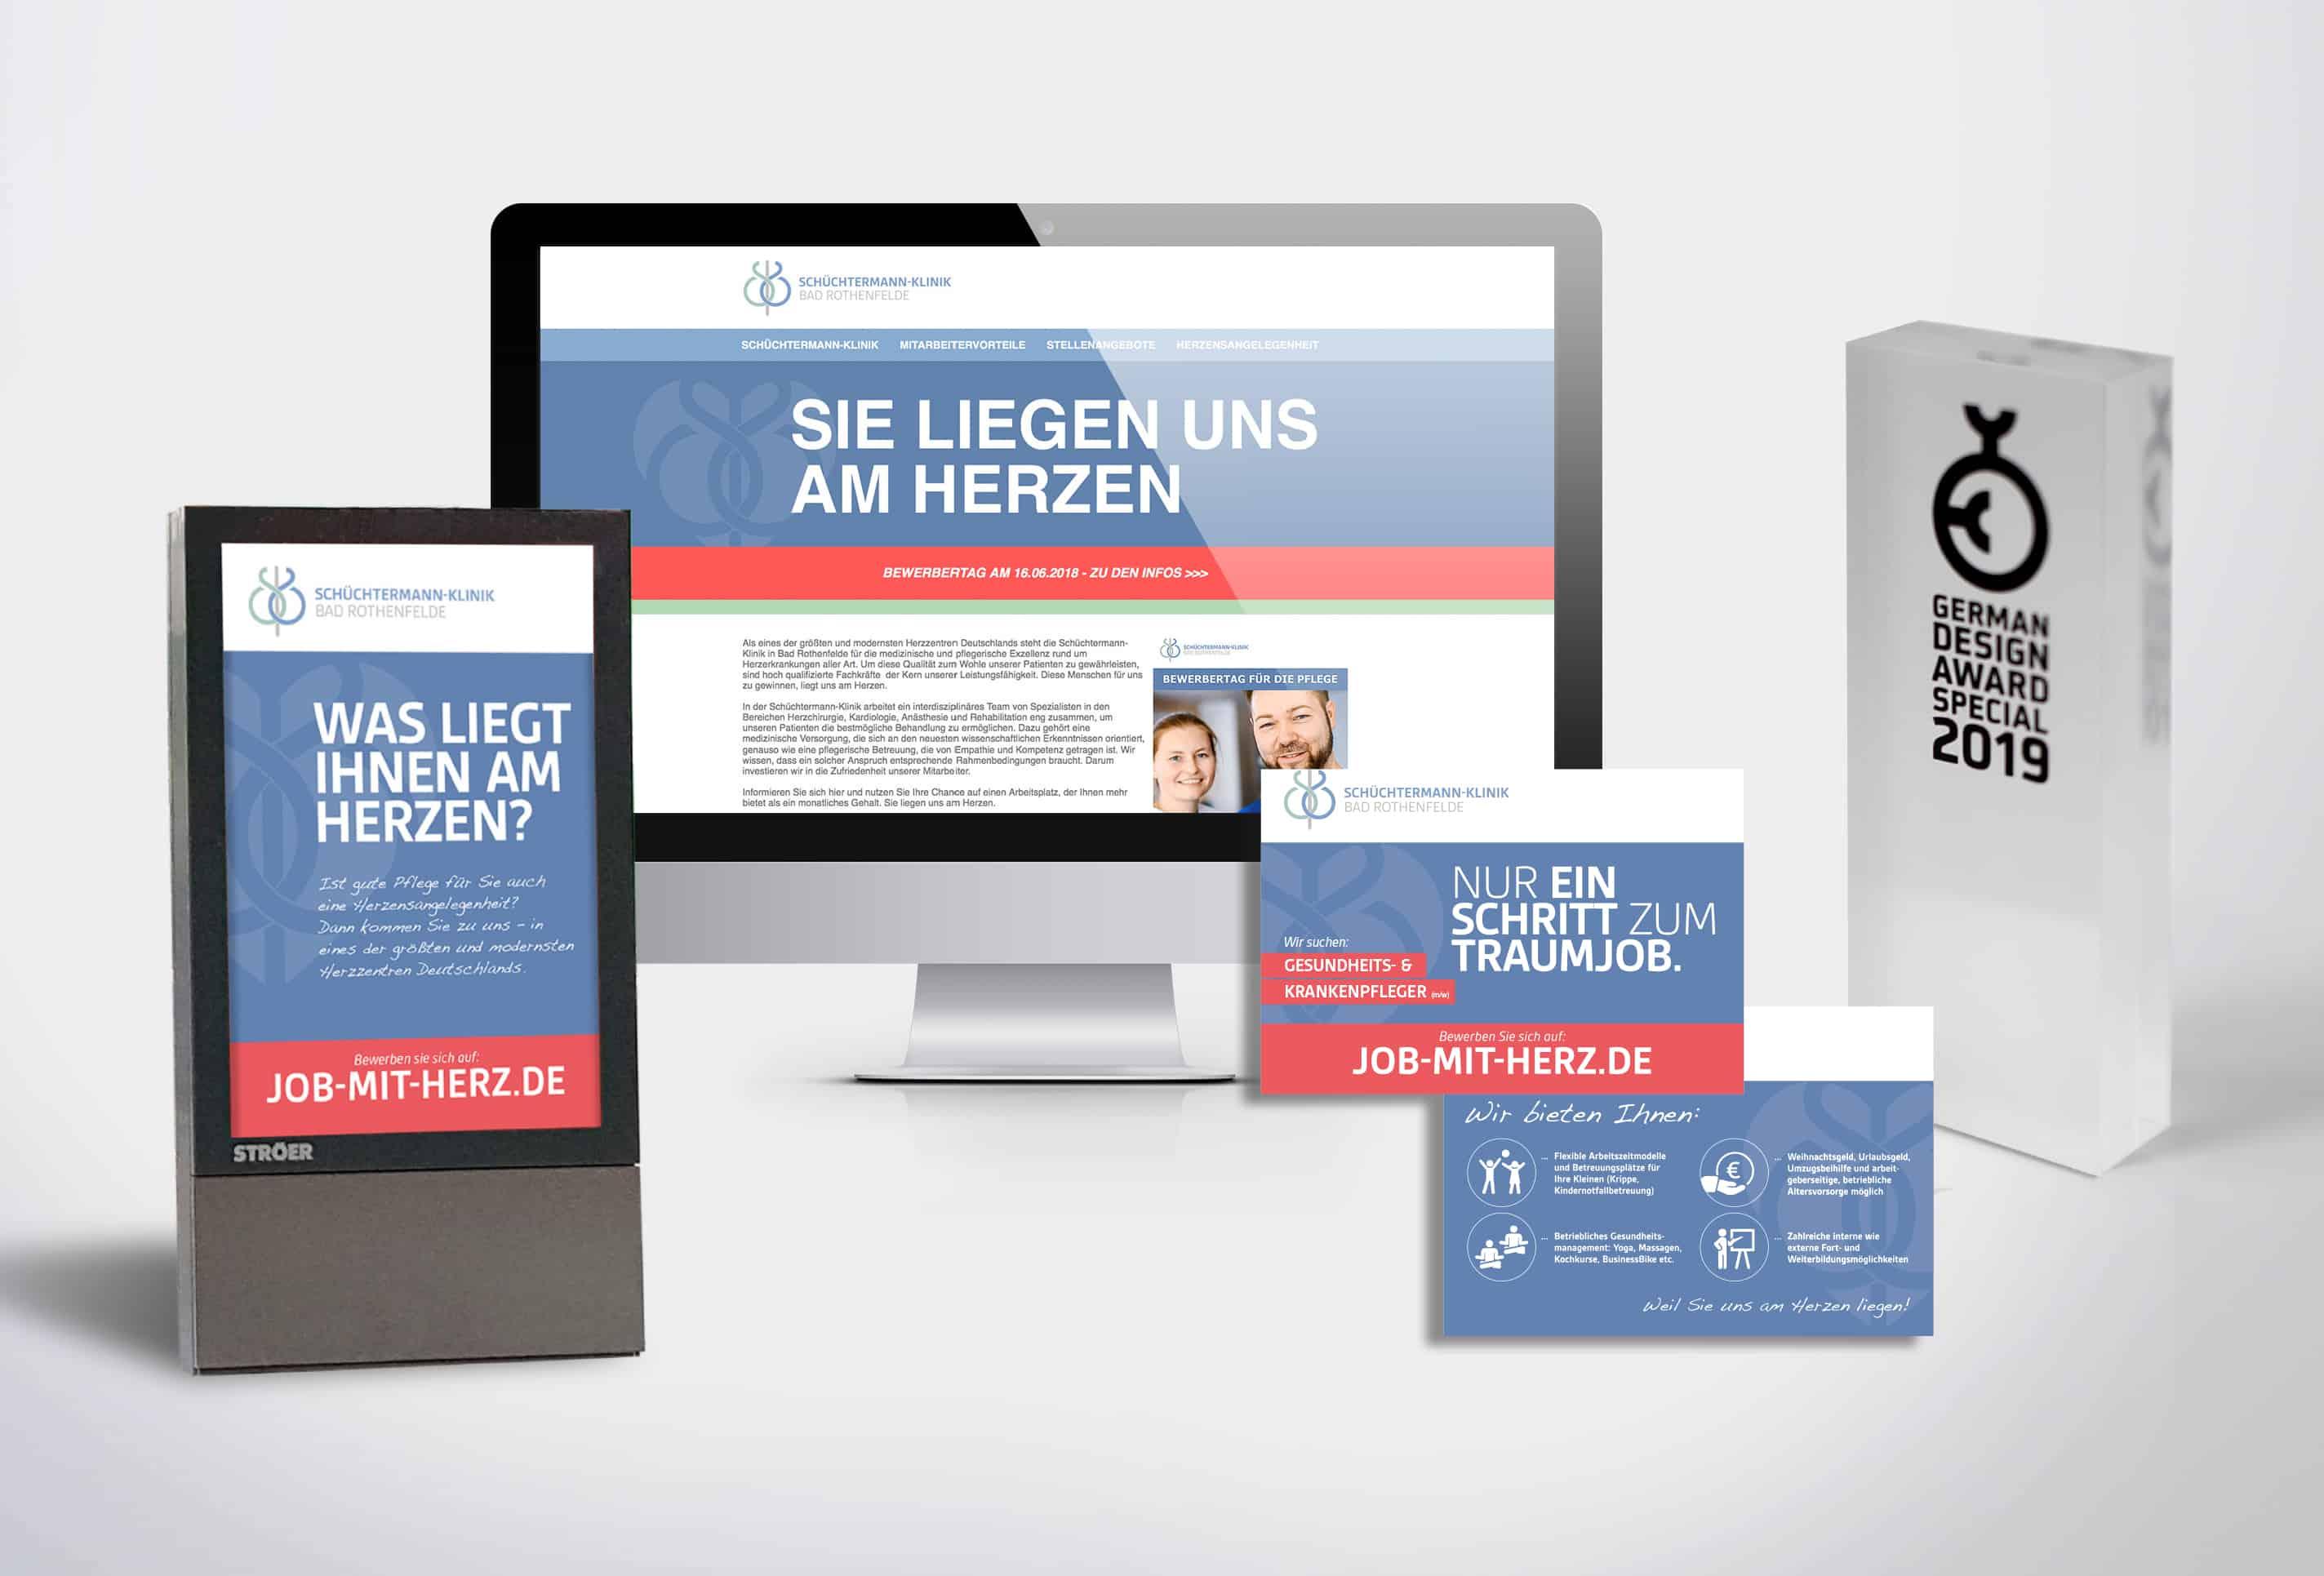 team4media Referenz Personalmarketing Schuechtermannklinik